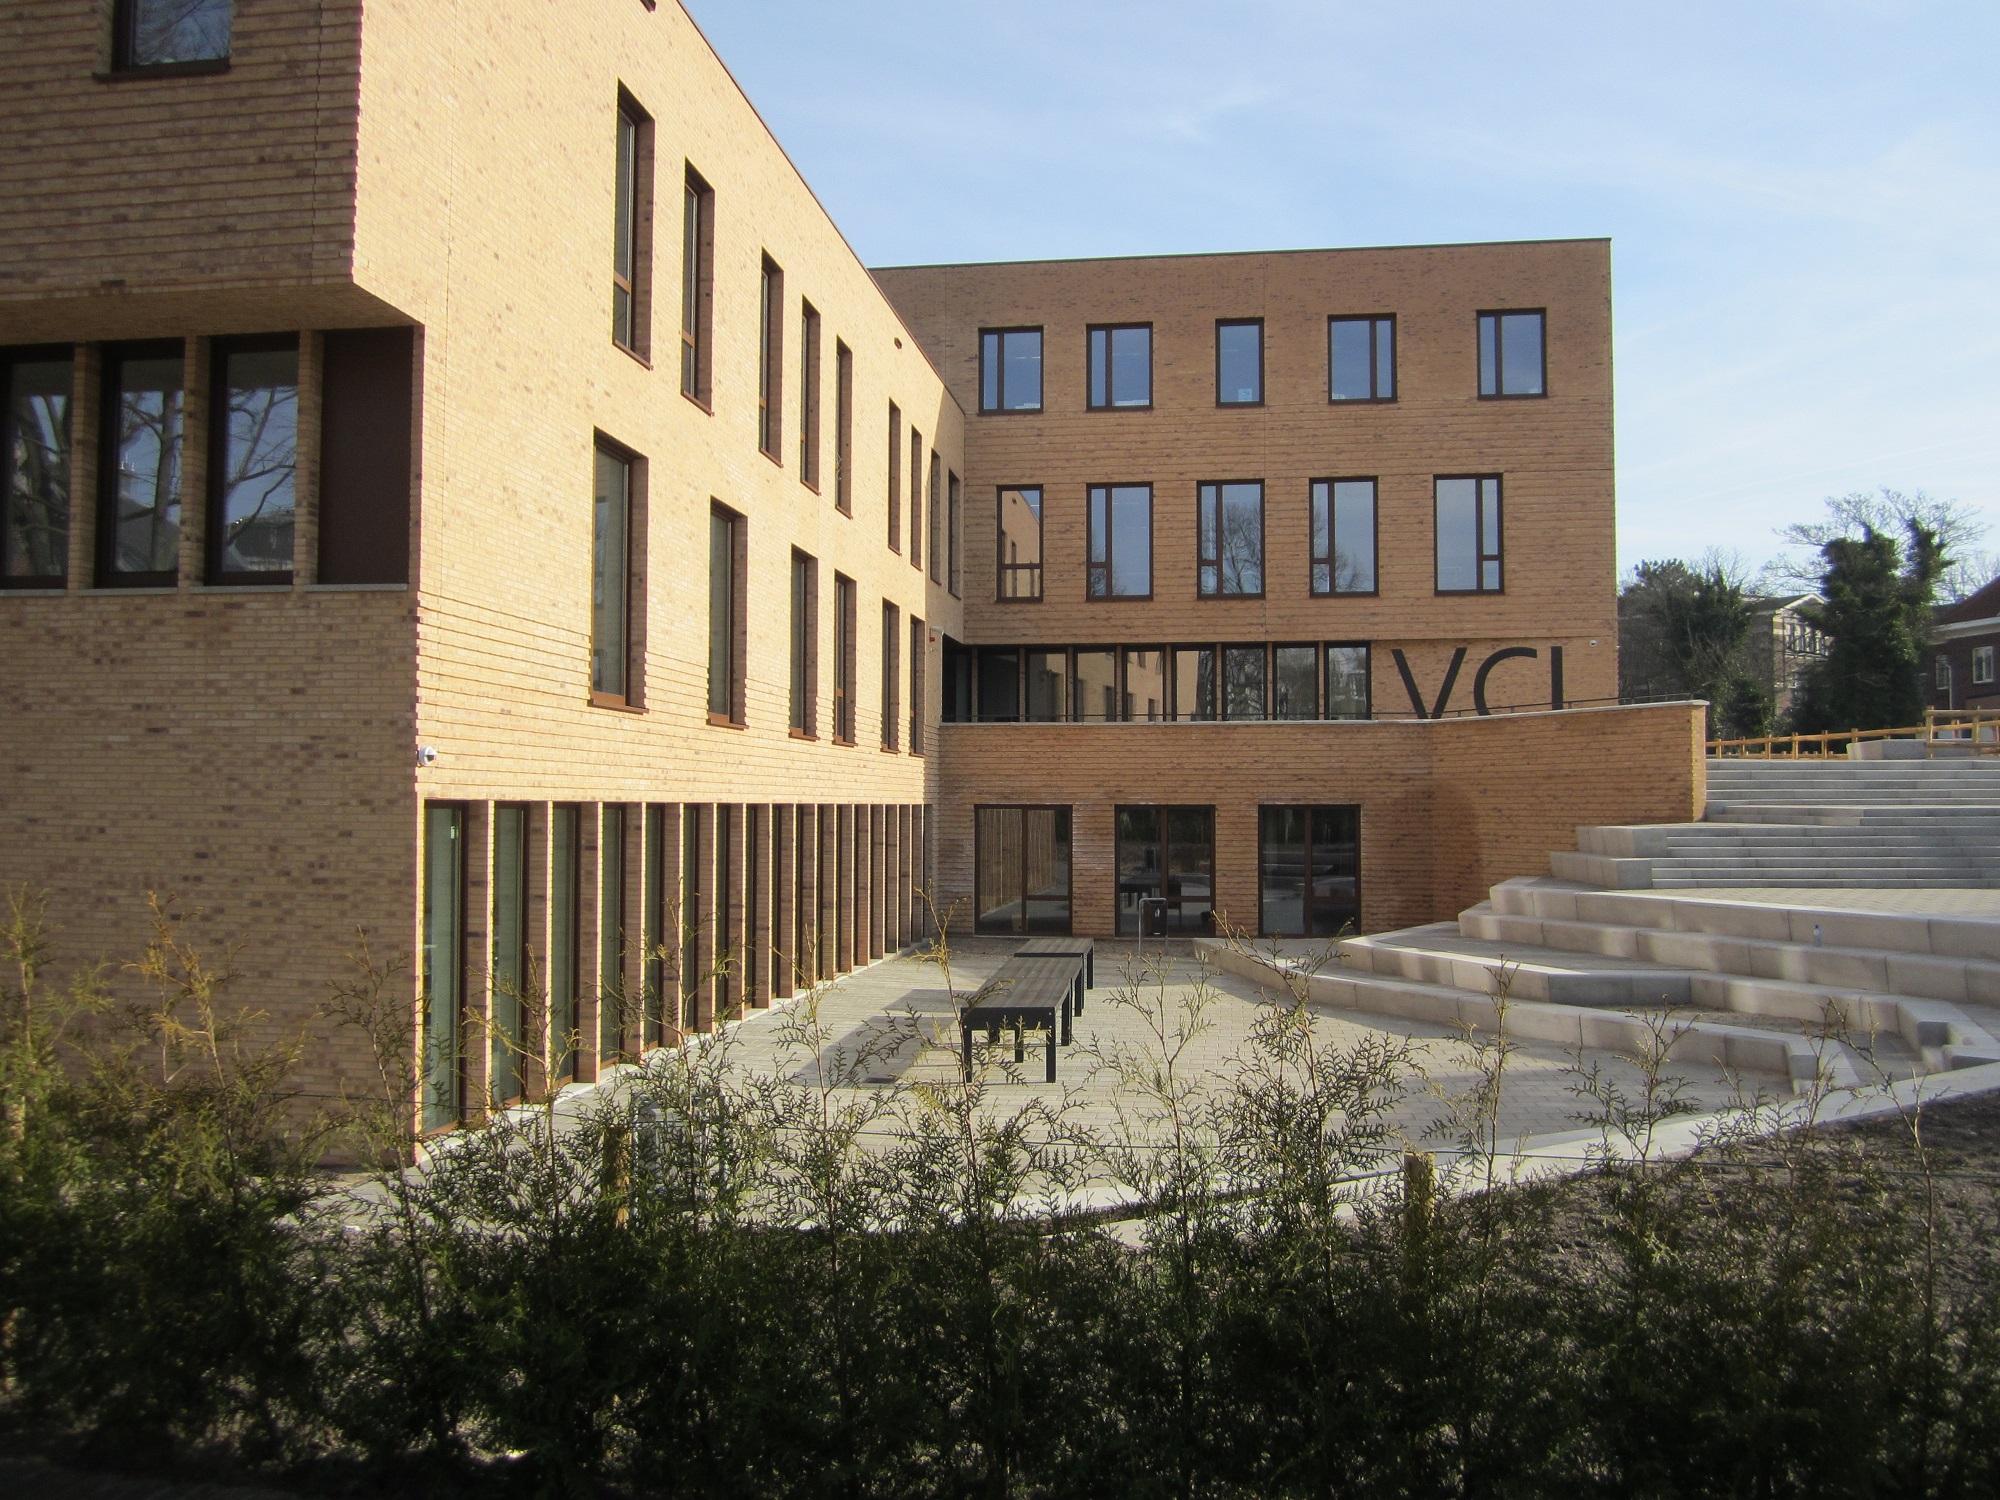 vrijzinnig christelijk lyceum Den Haag hoogteverschil bij het gebouw